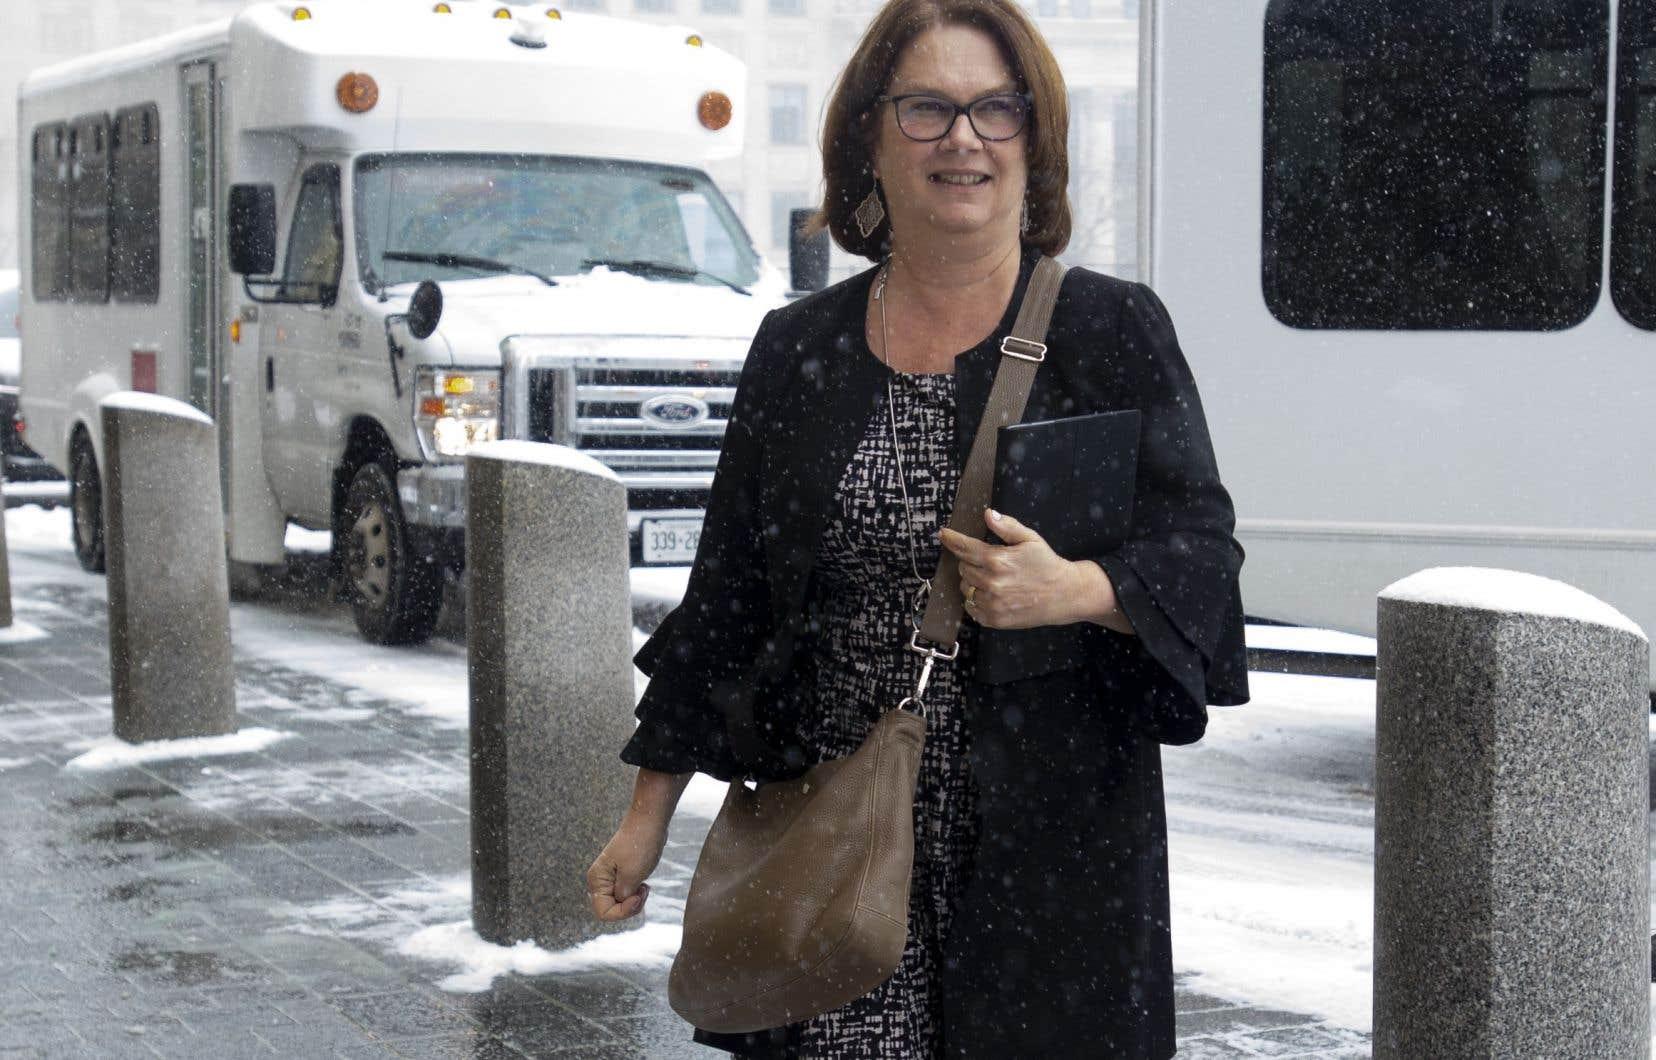 Selon Jane Philpott, ancienne ministre du gouvernement fédéral, ses «droits ont été enfreints» parce que le premier ministre, Justin Trudeau, a décidé par lui-même de son expulsion.